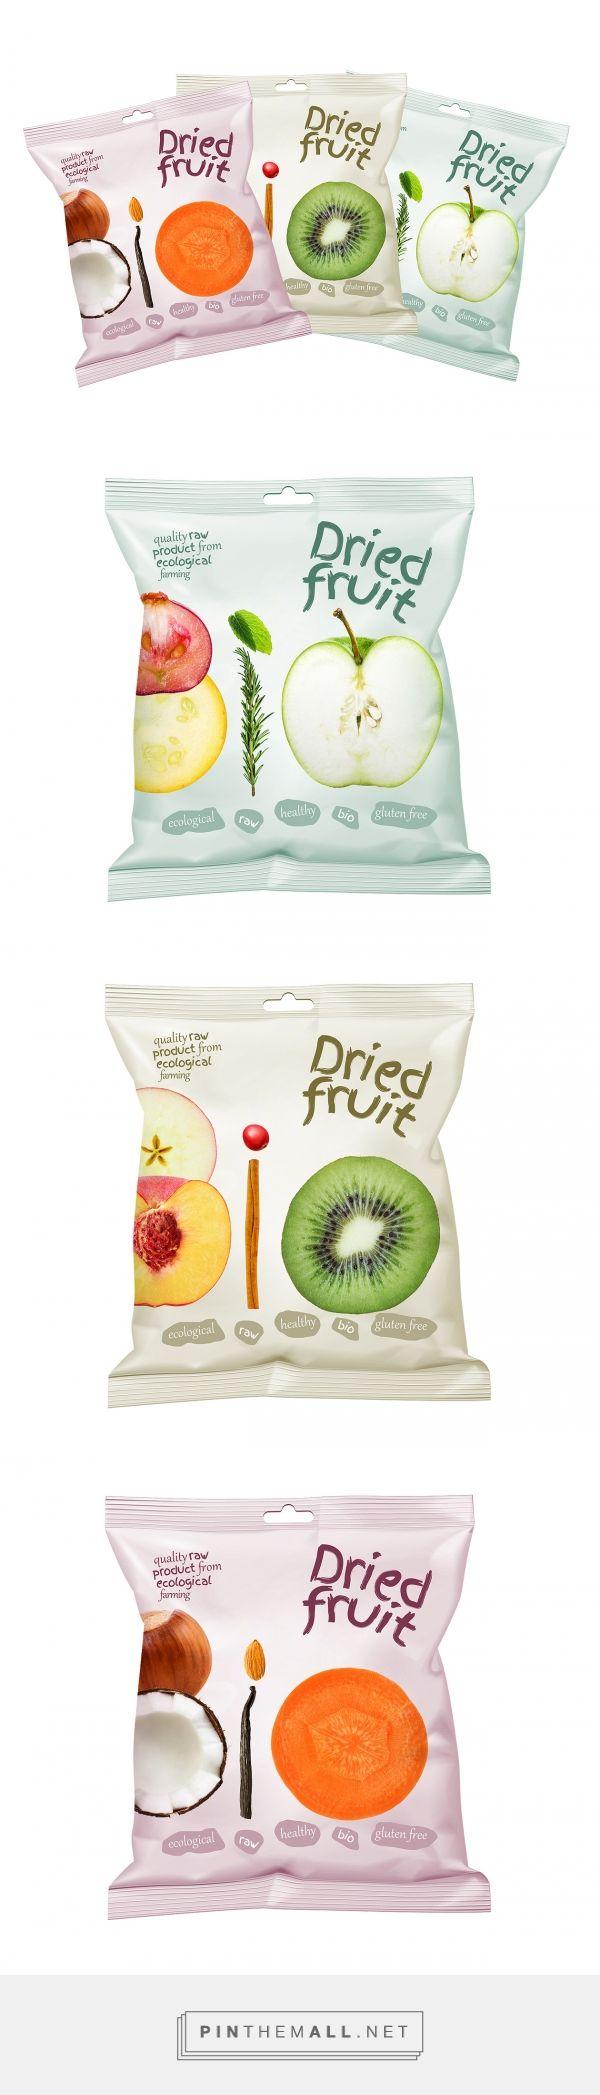 Dried Fruit Bio Raw Packaging Design | MAISON D'IDÉE - created via http://pinthemall.net